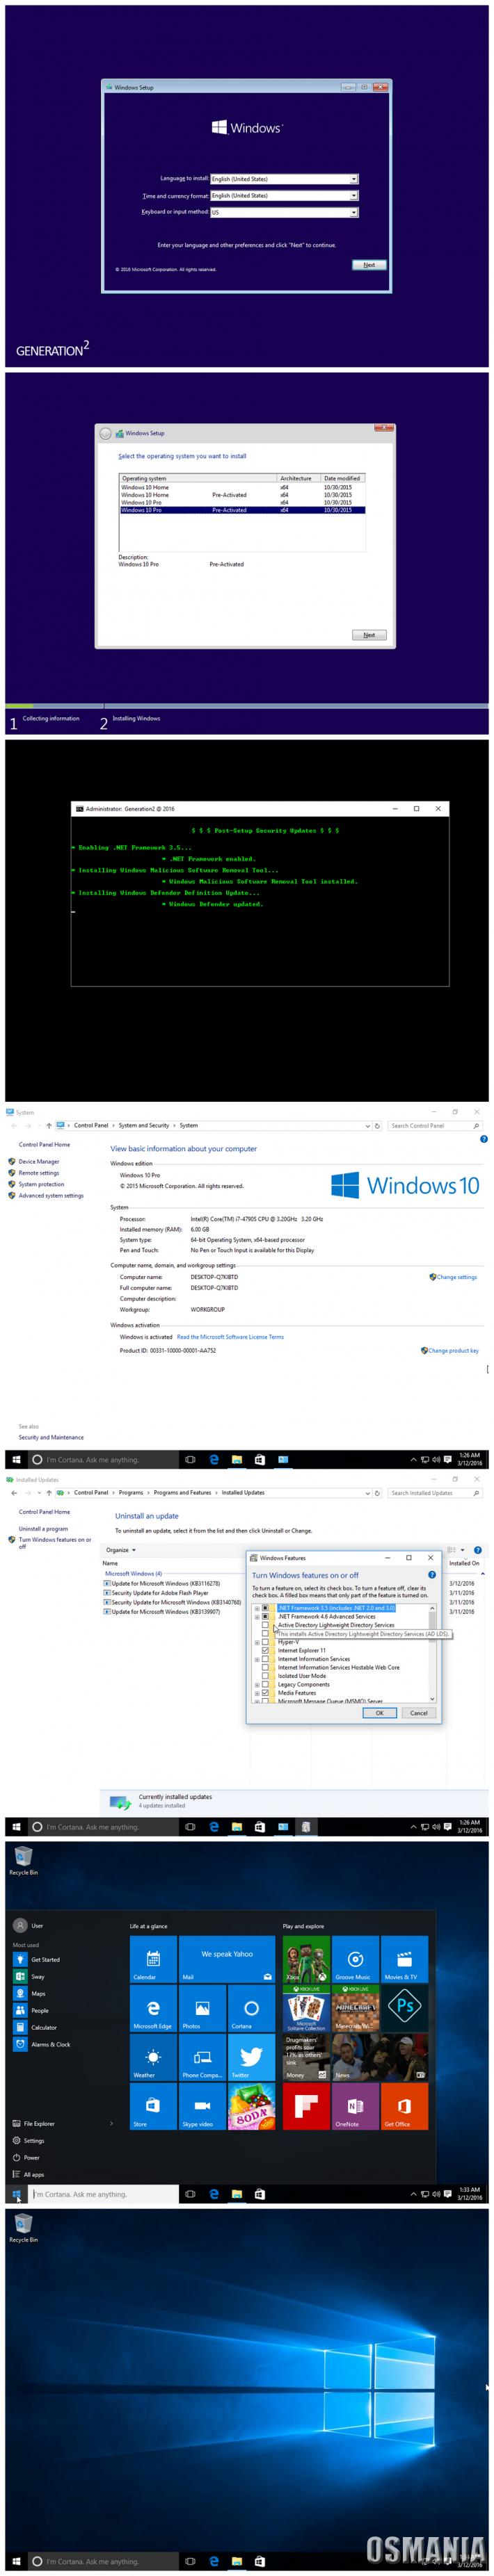 x64] Windows 10 Home\ Pro v1511 en-US 2016-03 by Generation2 \u0026gt; Windows